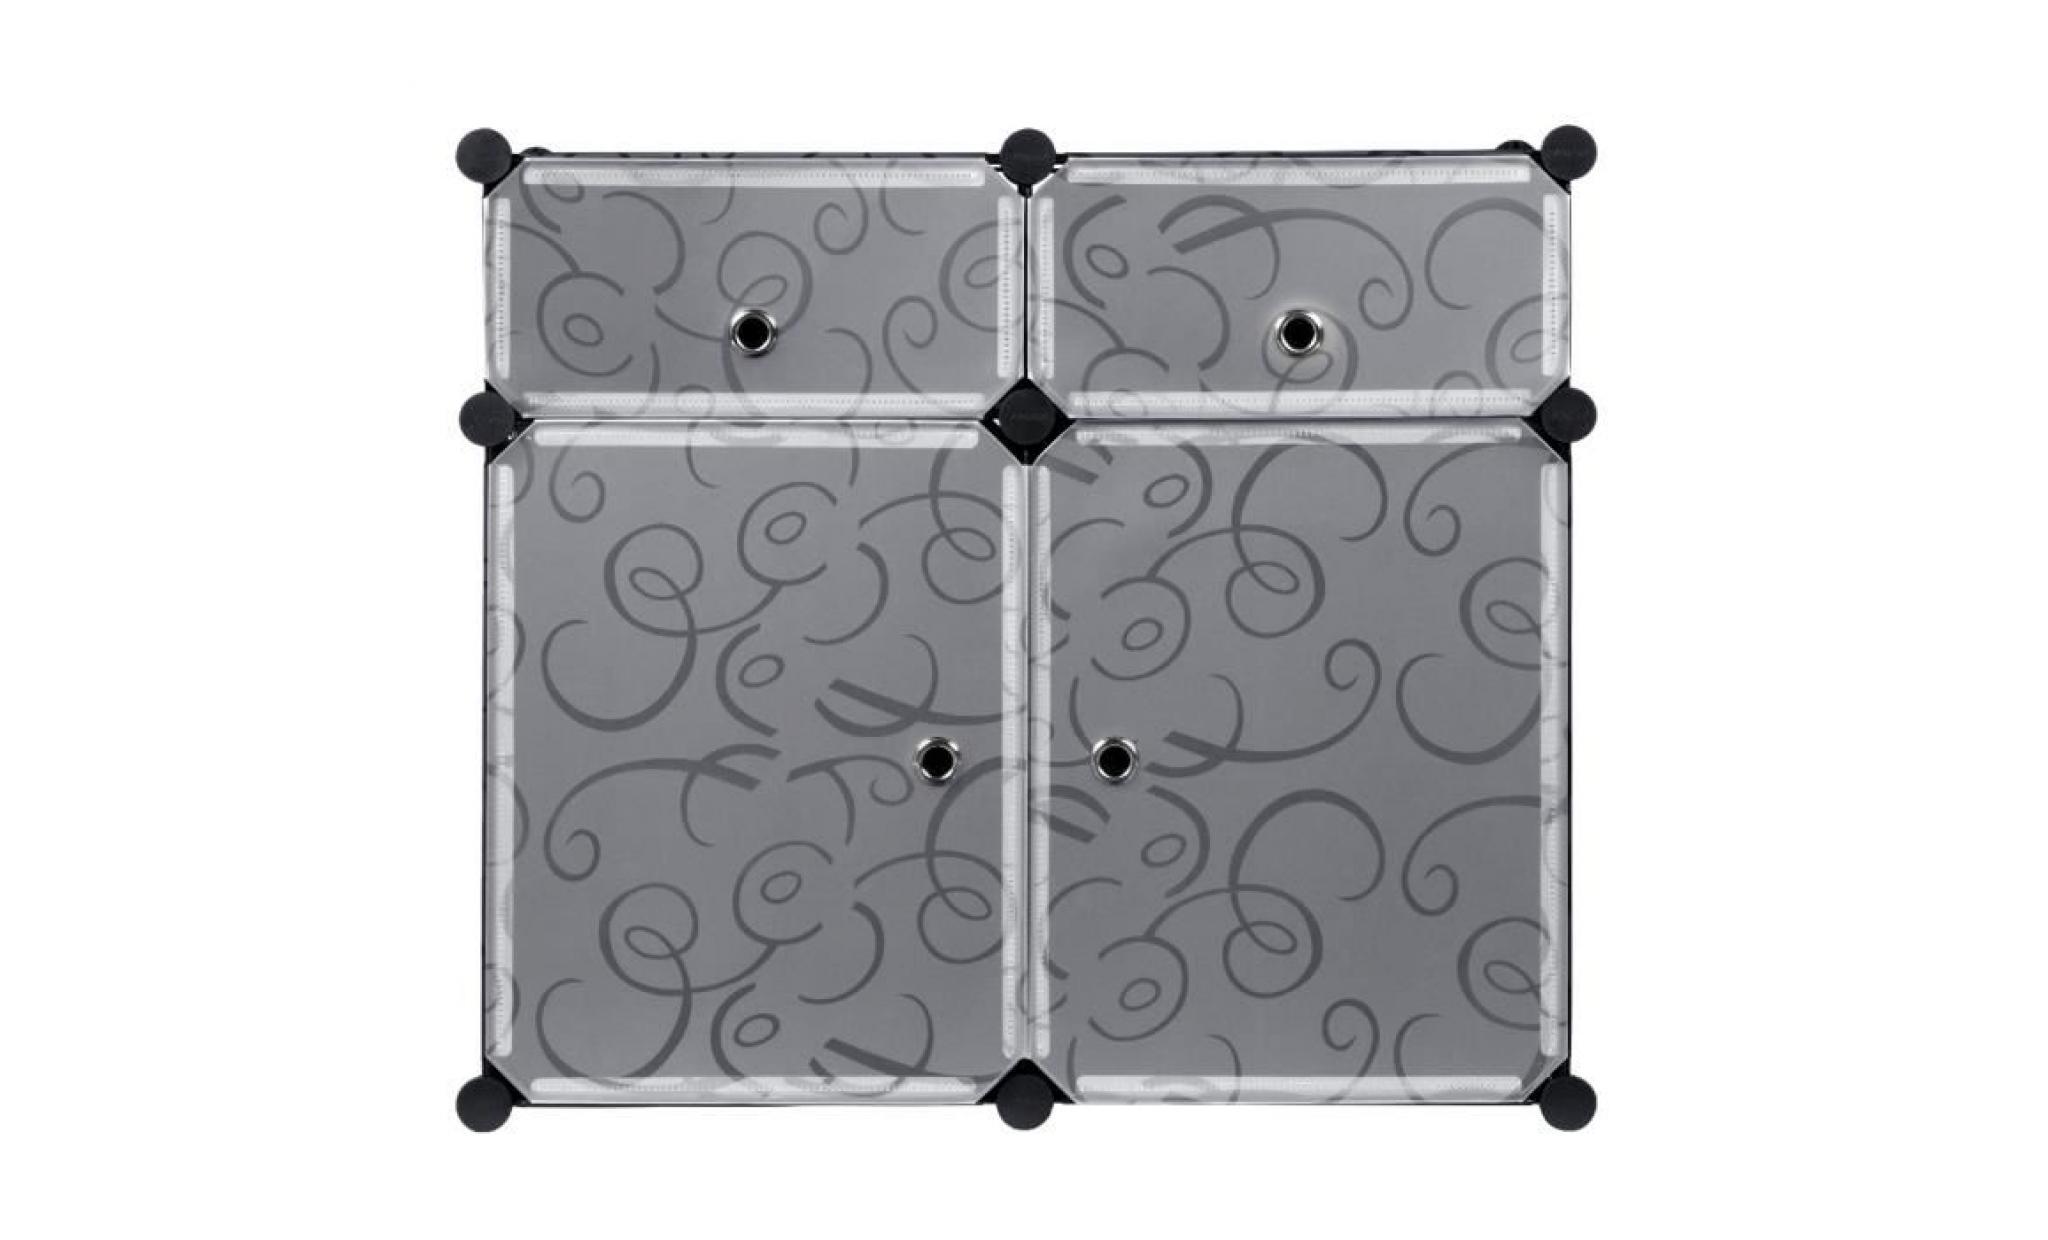 langria 4 cubes diy armoires Étagères plastique placard meuble rangement  table de chevet chambre organisation modulaire avec portes